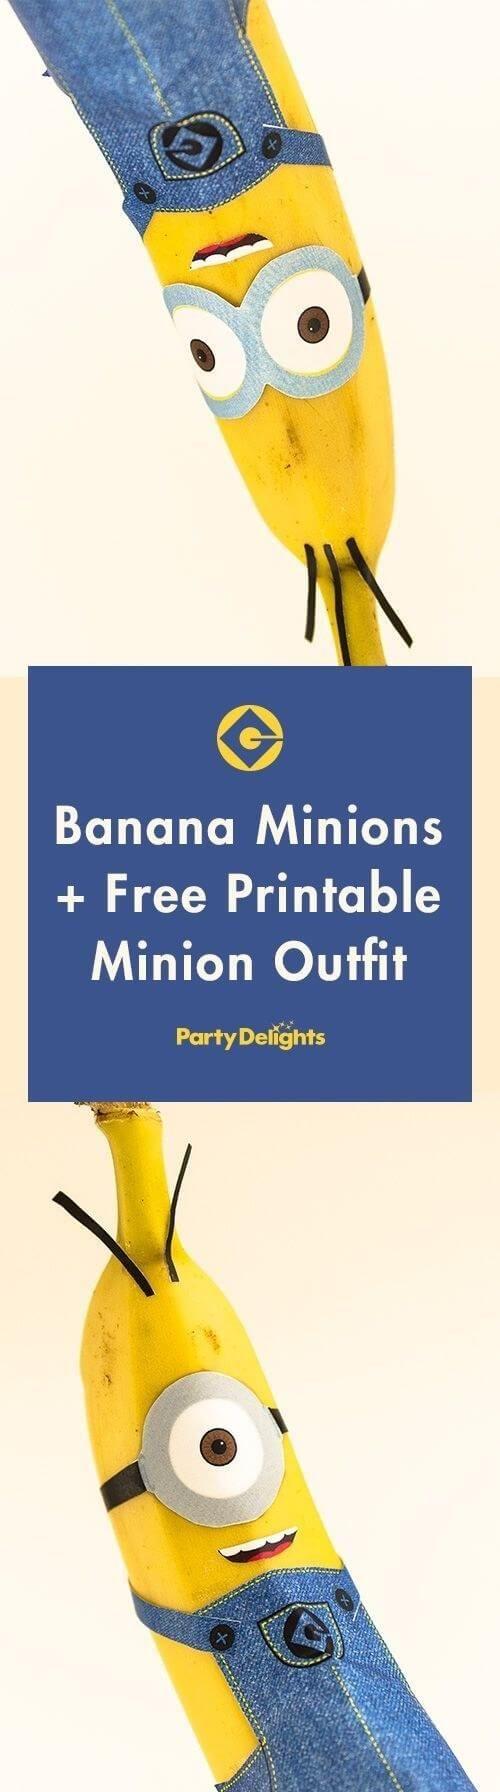 Bello! Wenn du die Minions Sprache kennst, musst du diese Ideen ansehen! - Banana Minions